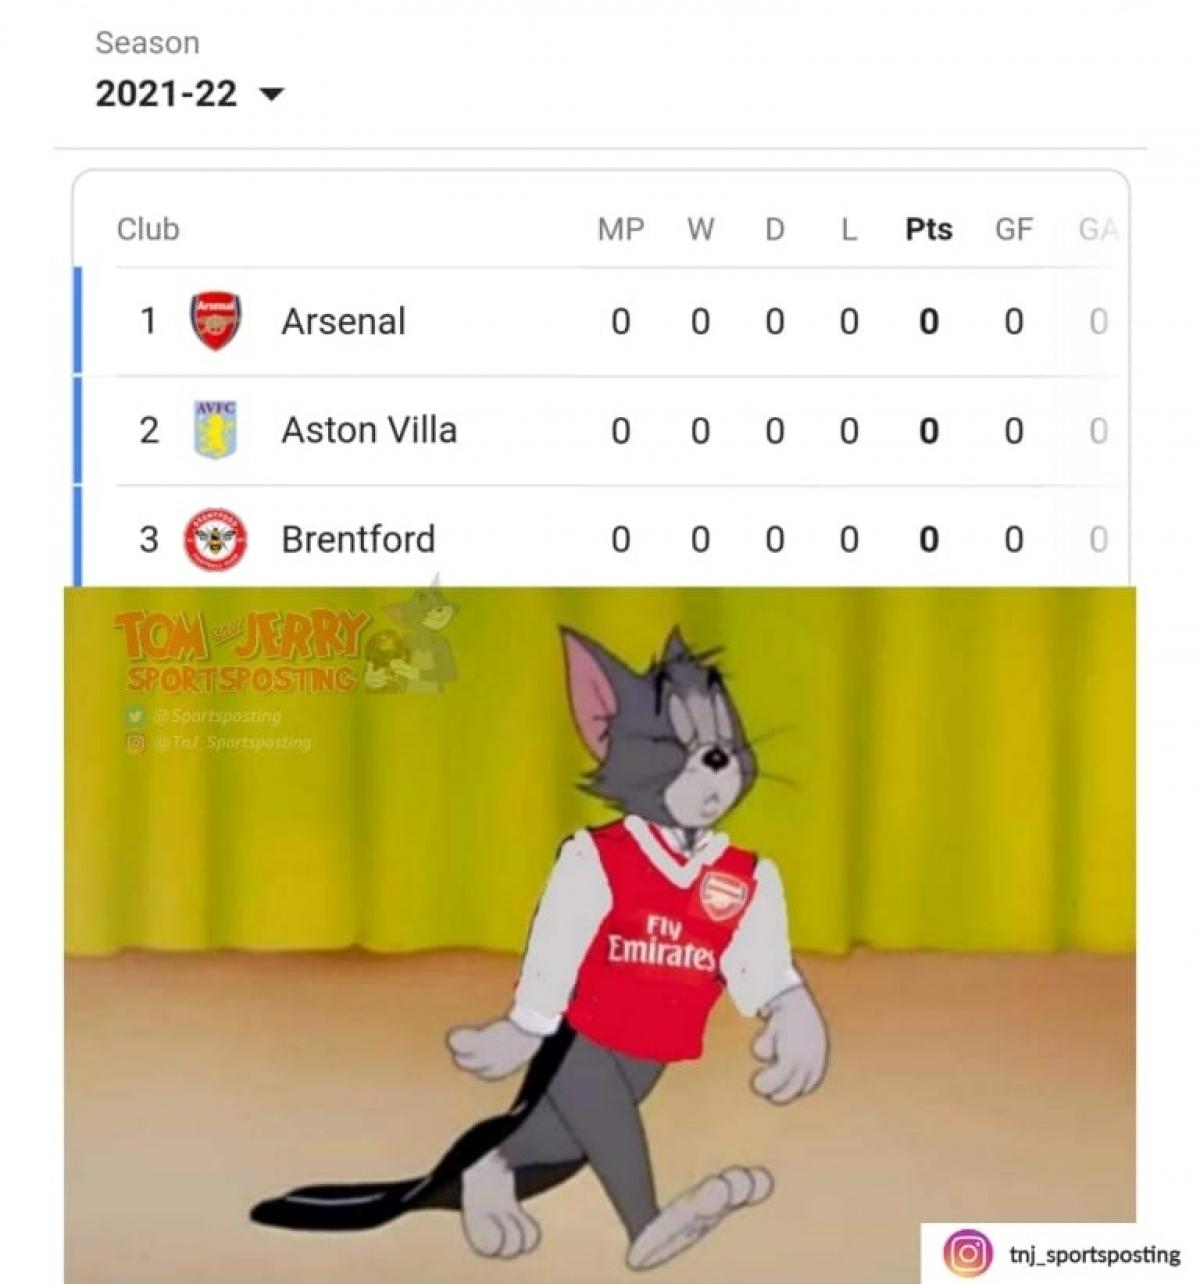 Như thường lệ, Arsenal dẫn đầu Ngoại hạng Anh khi mùa giải chưa bắt đầu. (Ảnh: TNJ Sportsposting)./.